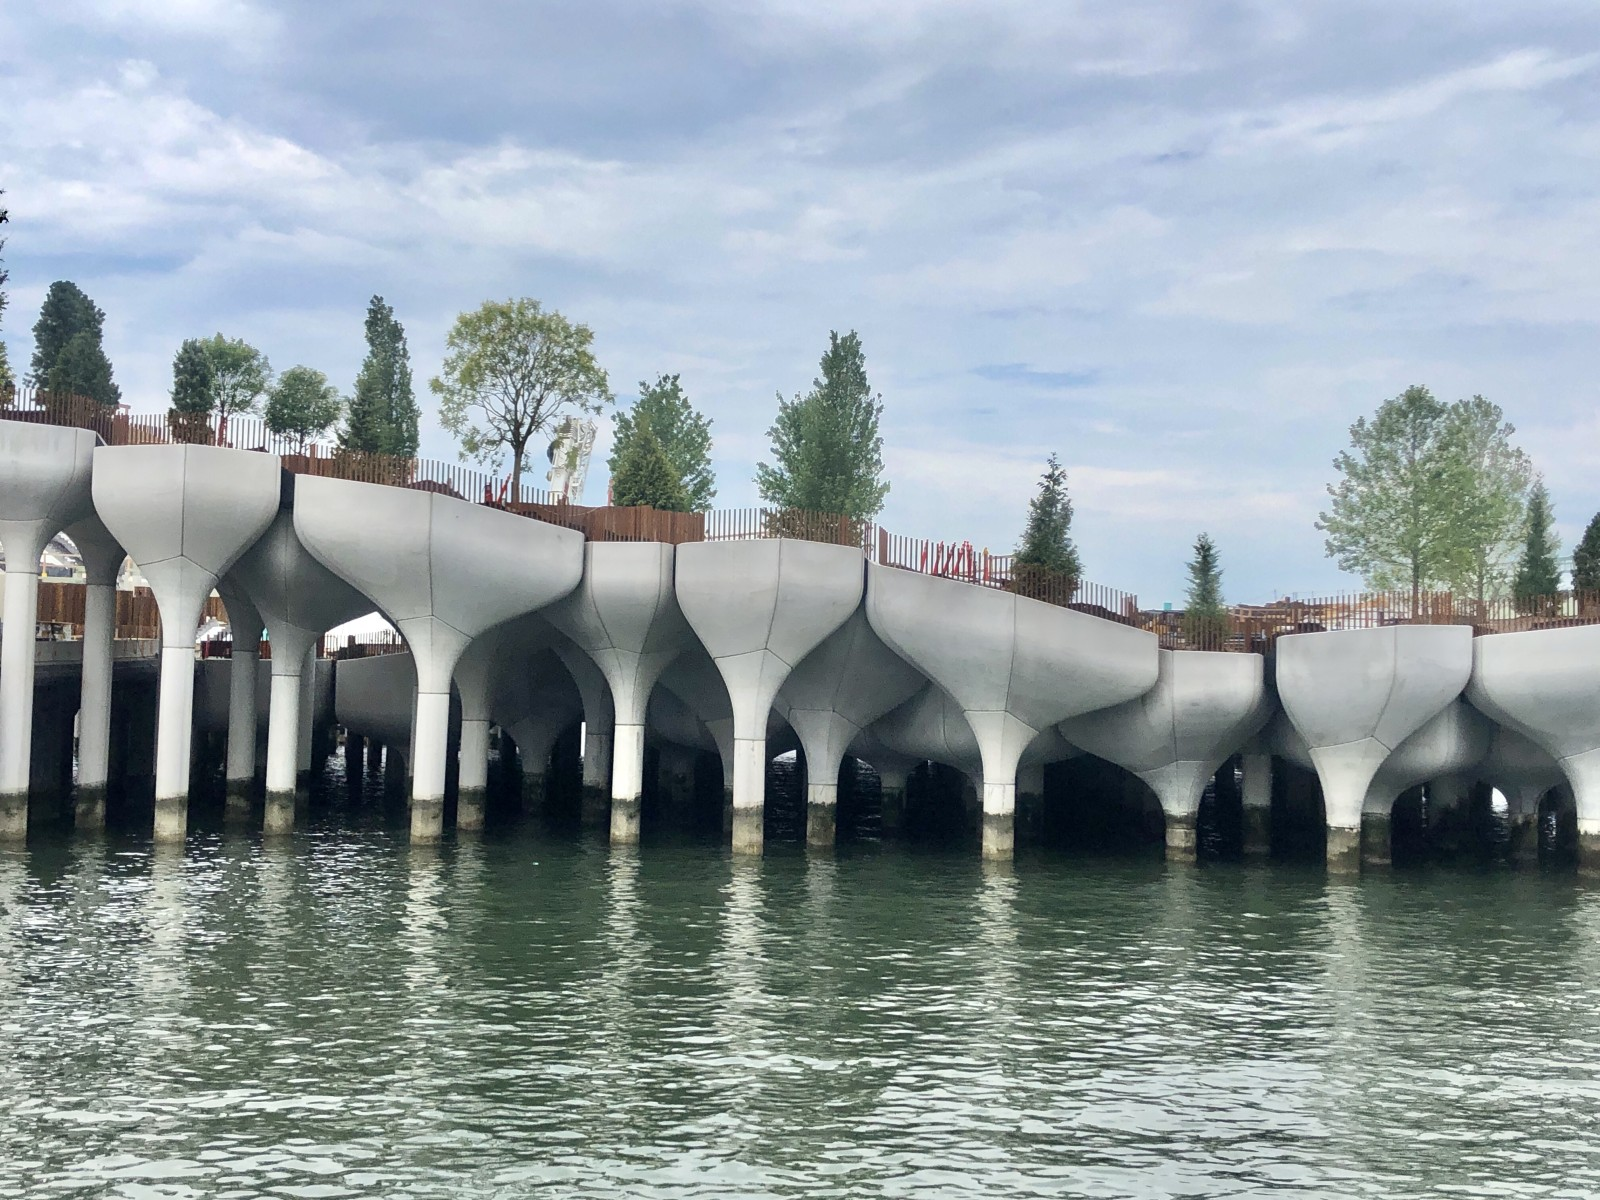 Ein neuer Park schwimmt auf dem Hudson. Little Island ist ein neuer Park in New York City, der auf tulpenförmigen Säulen in den Fluss gebaut wurde.